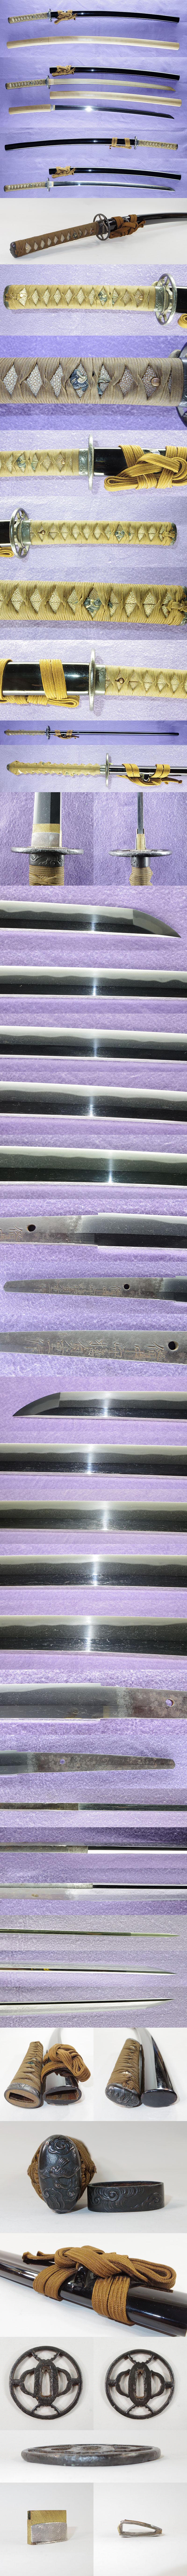 刀 備中守橘貞重作(江戸法城寺) Picture of parts